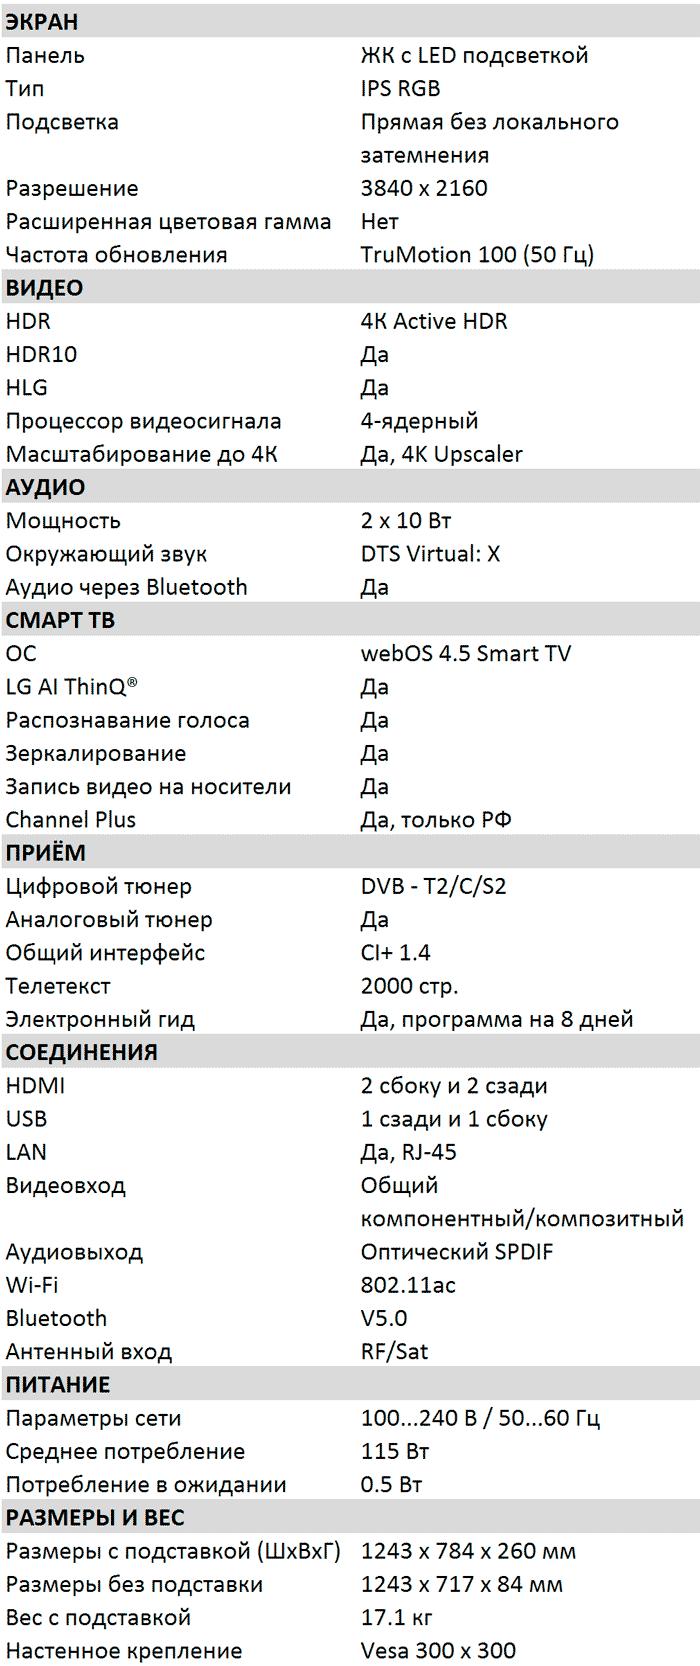 Характеристики UM7660